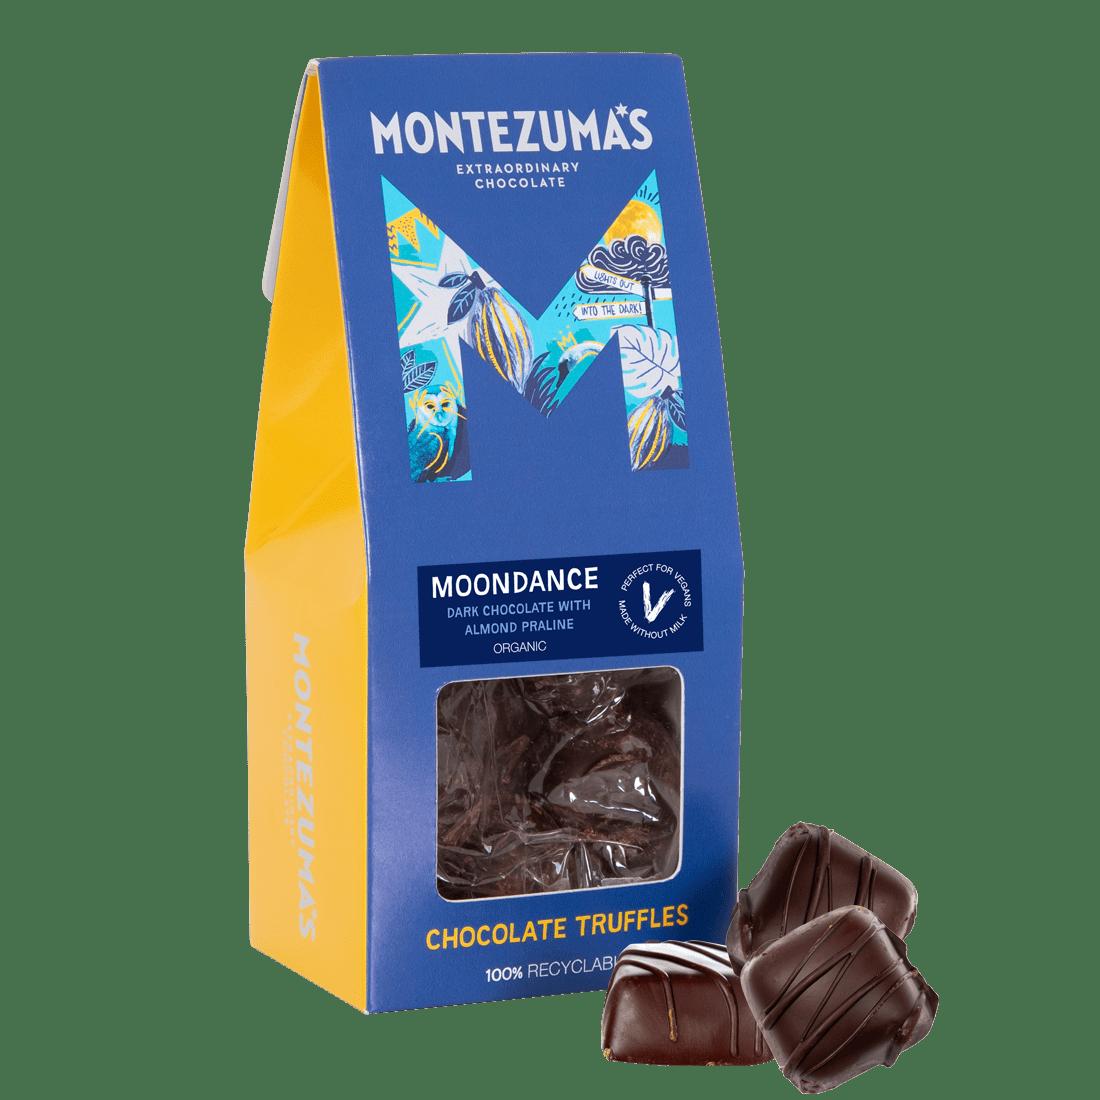 Moondance - Dark Chocolate Truffles with Praline